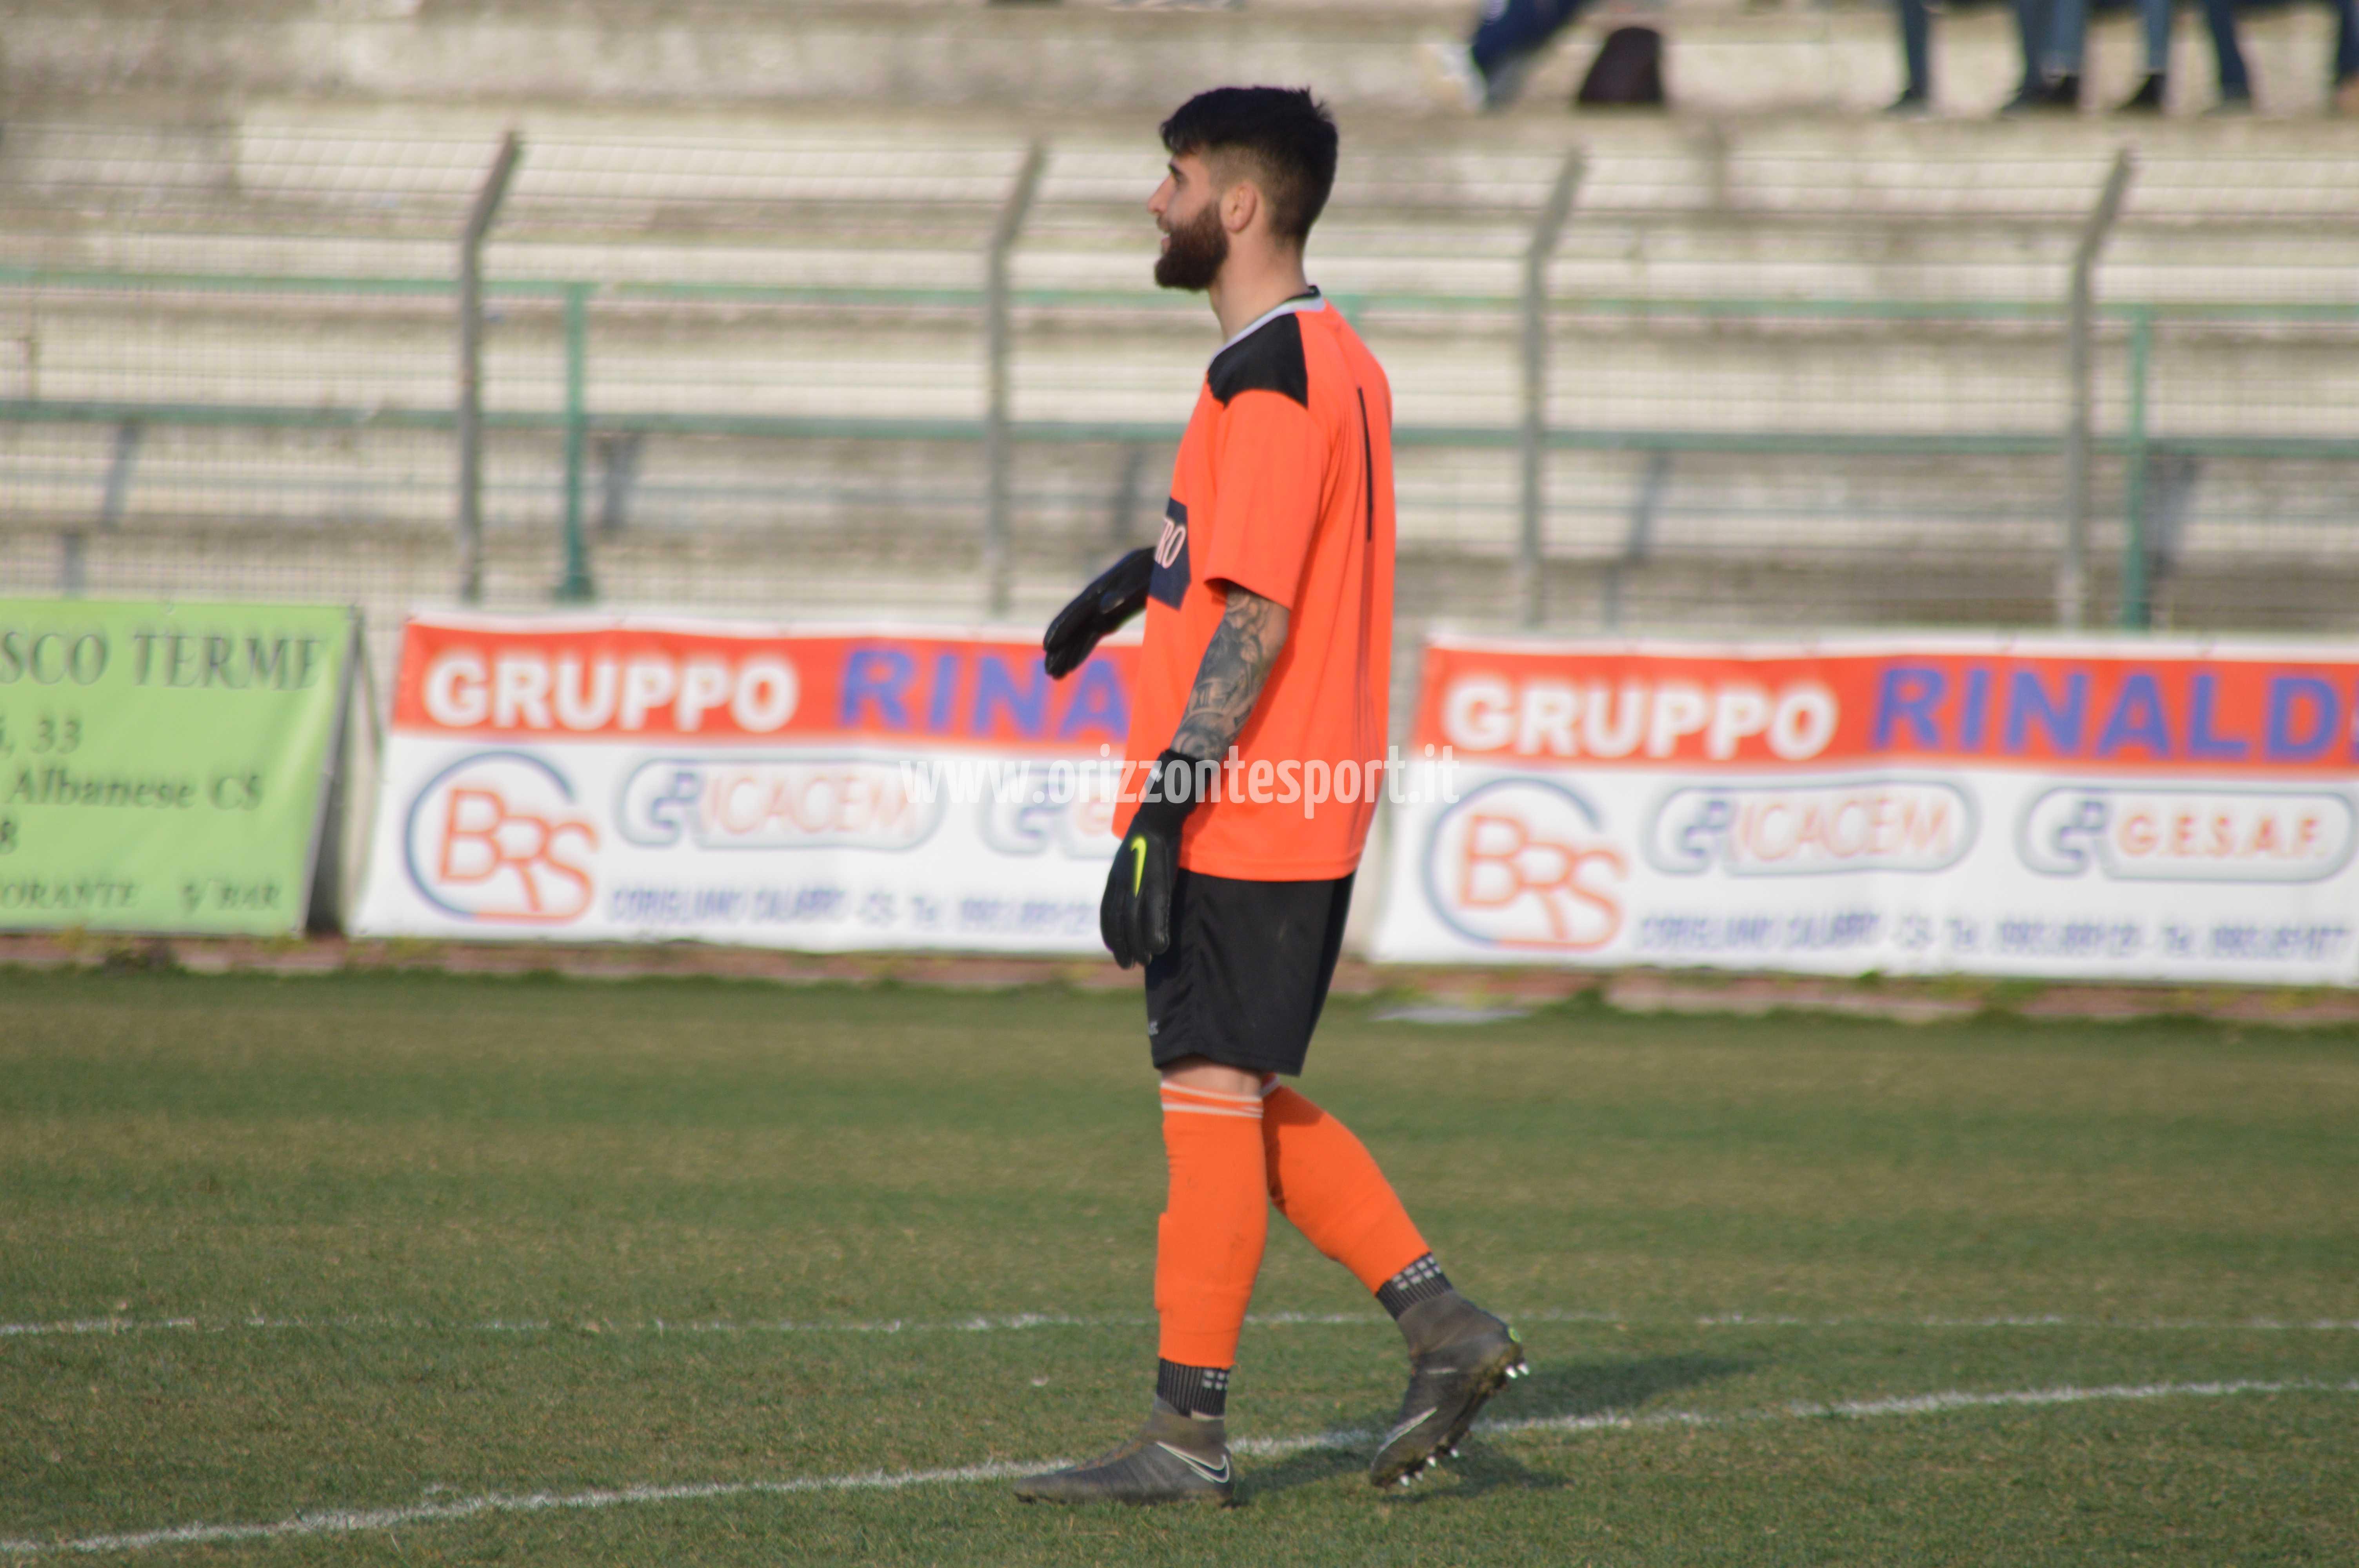 corigliano_canicatti (148)